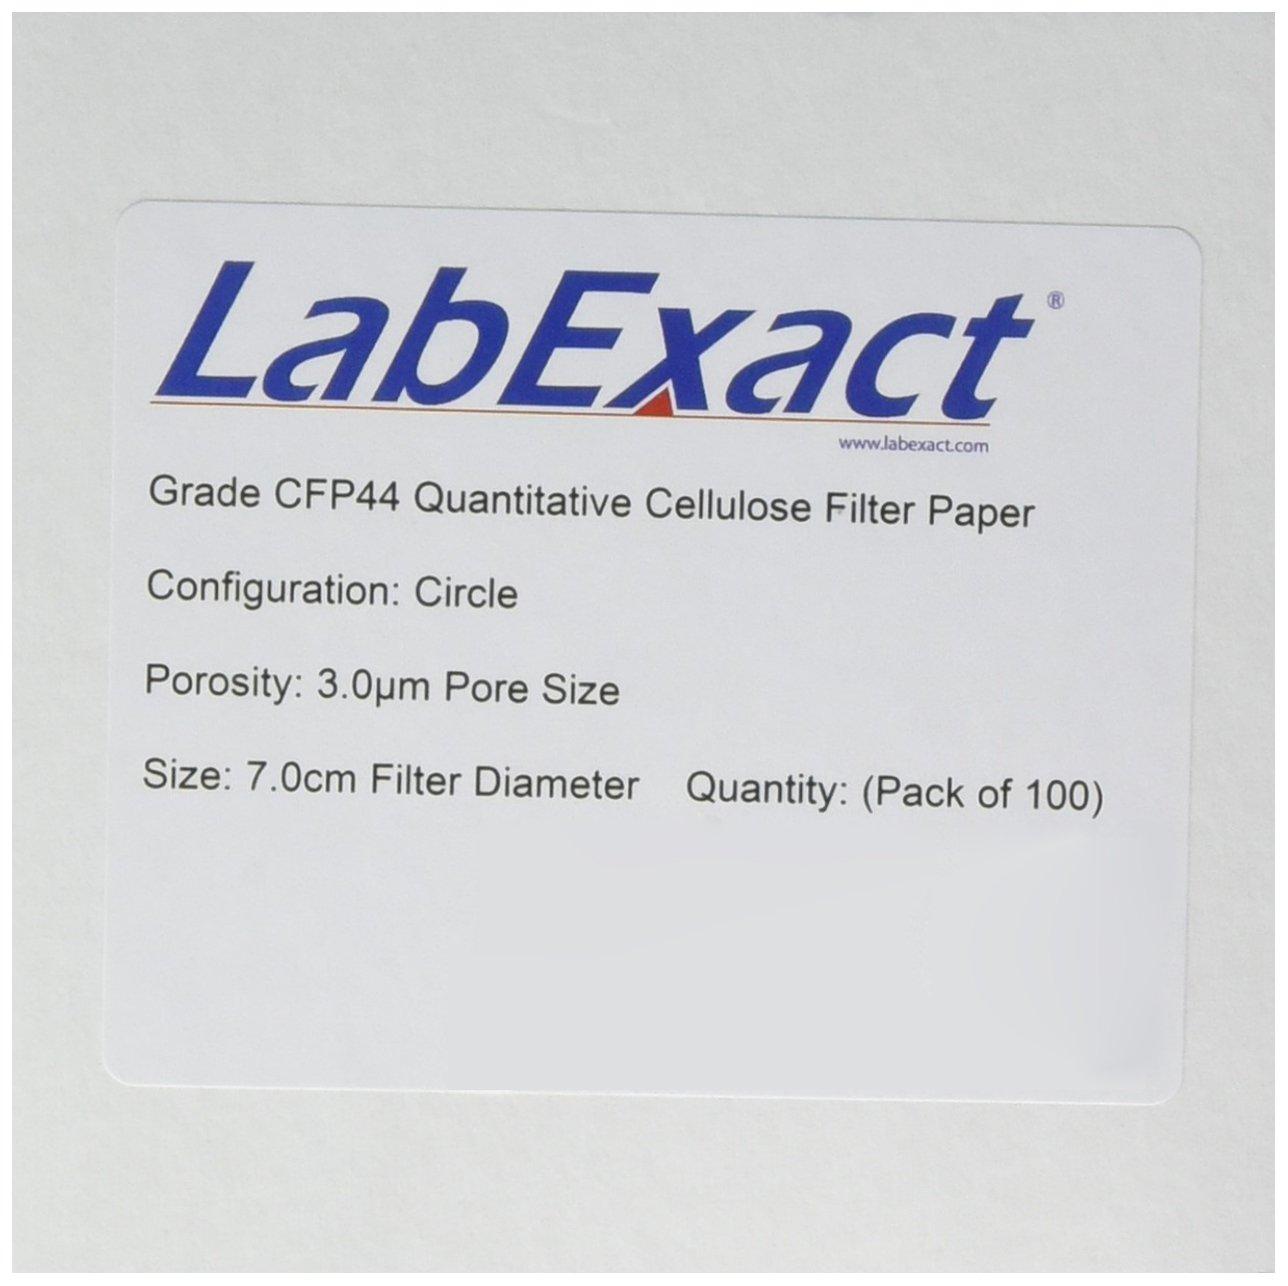 LabExact 1200266 Grade CFP44 Filter Quantitative Paper Portland Mall Cellulose Tampa Mall